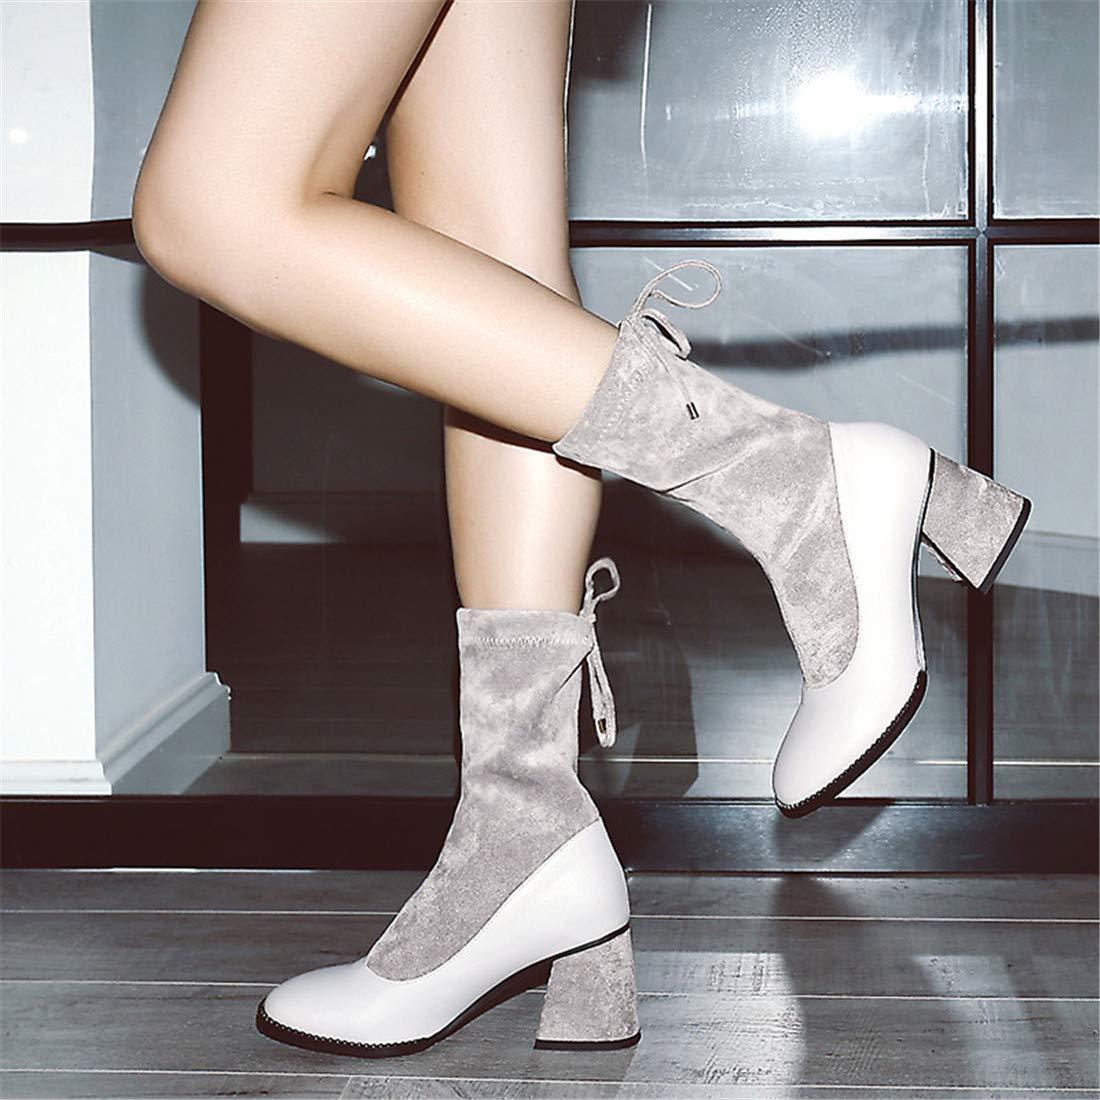 Stiefel-DEDE Machen Siekeine Siekeine Siekeine Stiefel mit Stiefeln Röhre in Röhre   Damenstiefel mit hochhackiger Röhre Europa und den Vereinigten Staaten Damenstiefel mit großem Schlauch 40b2b5